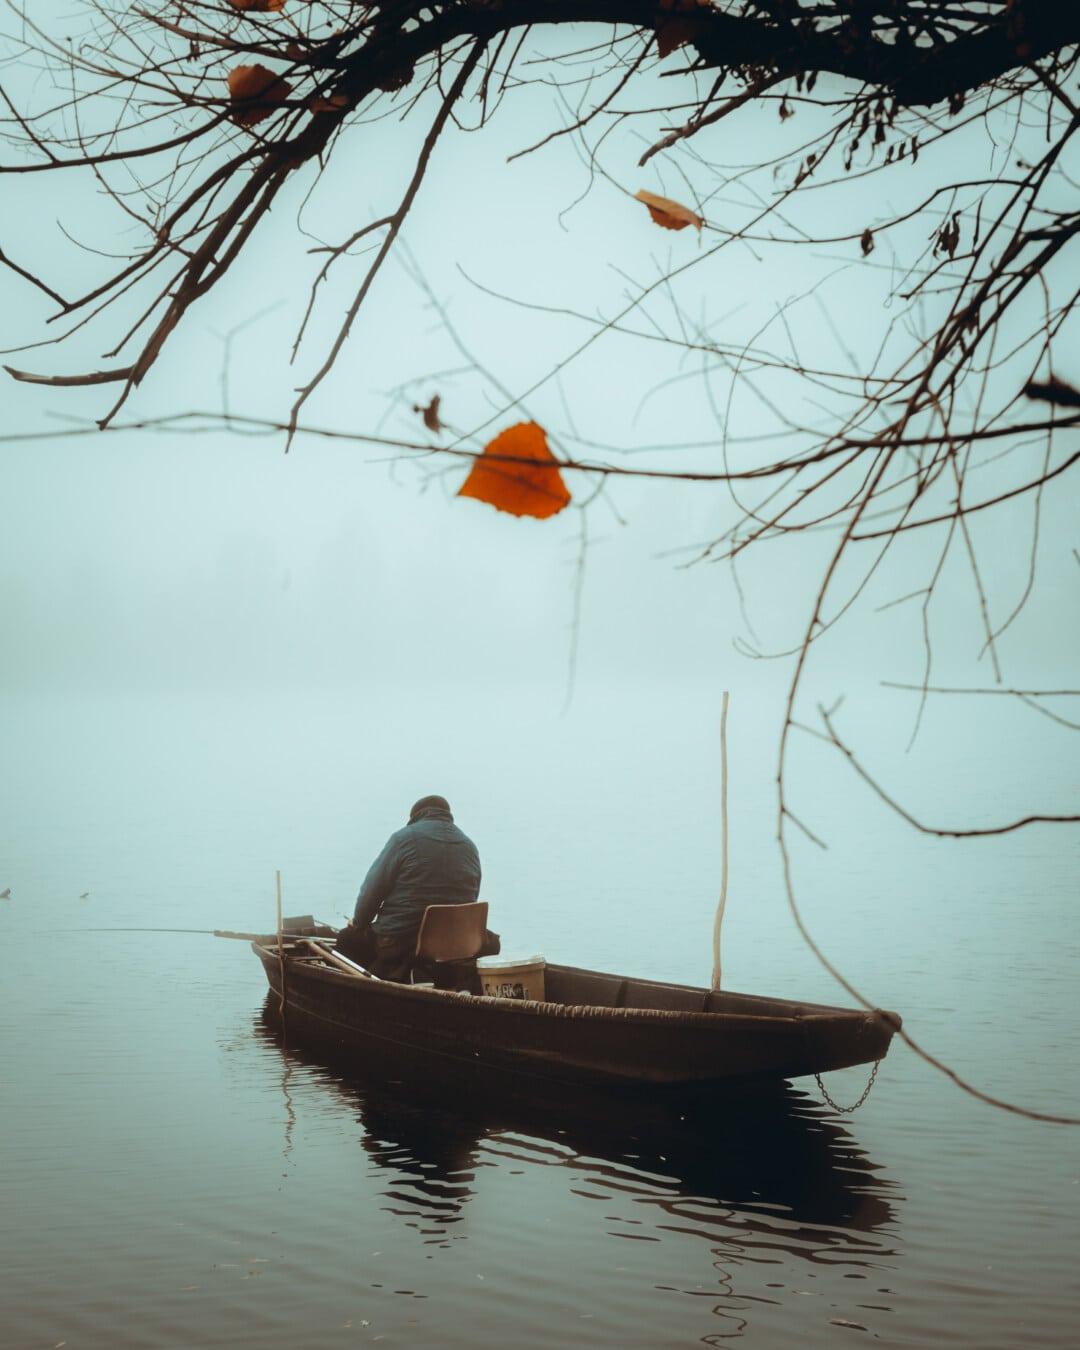 canne à pêche, bateau de pêche, pêche, homme, froide, matin, octobre, brumeux, pêcheur, eau